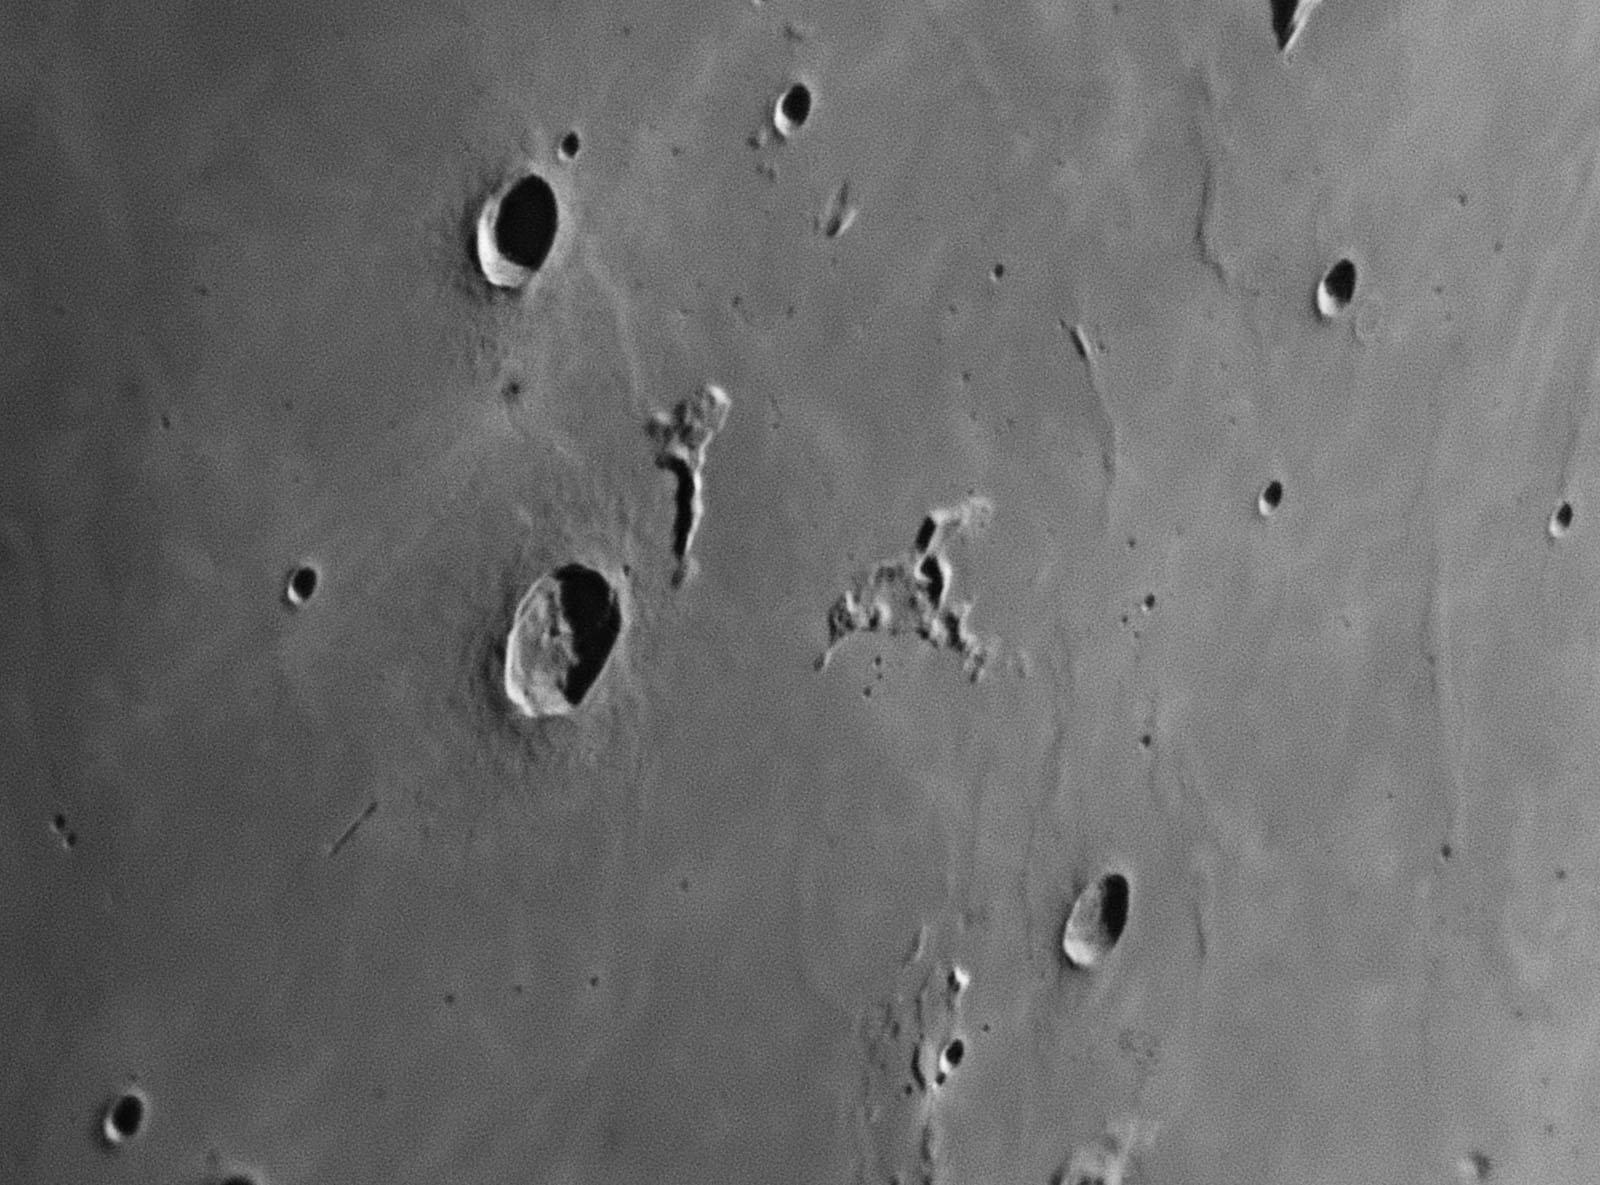 Moon_194707_r_2017_11_12_zwo_asi178